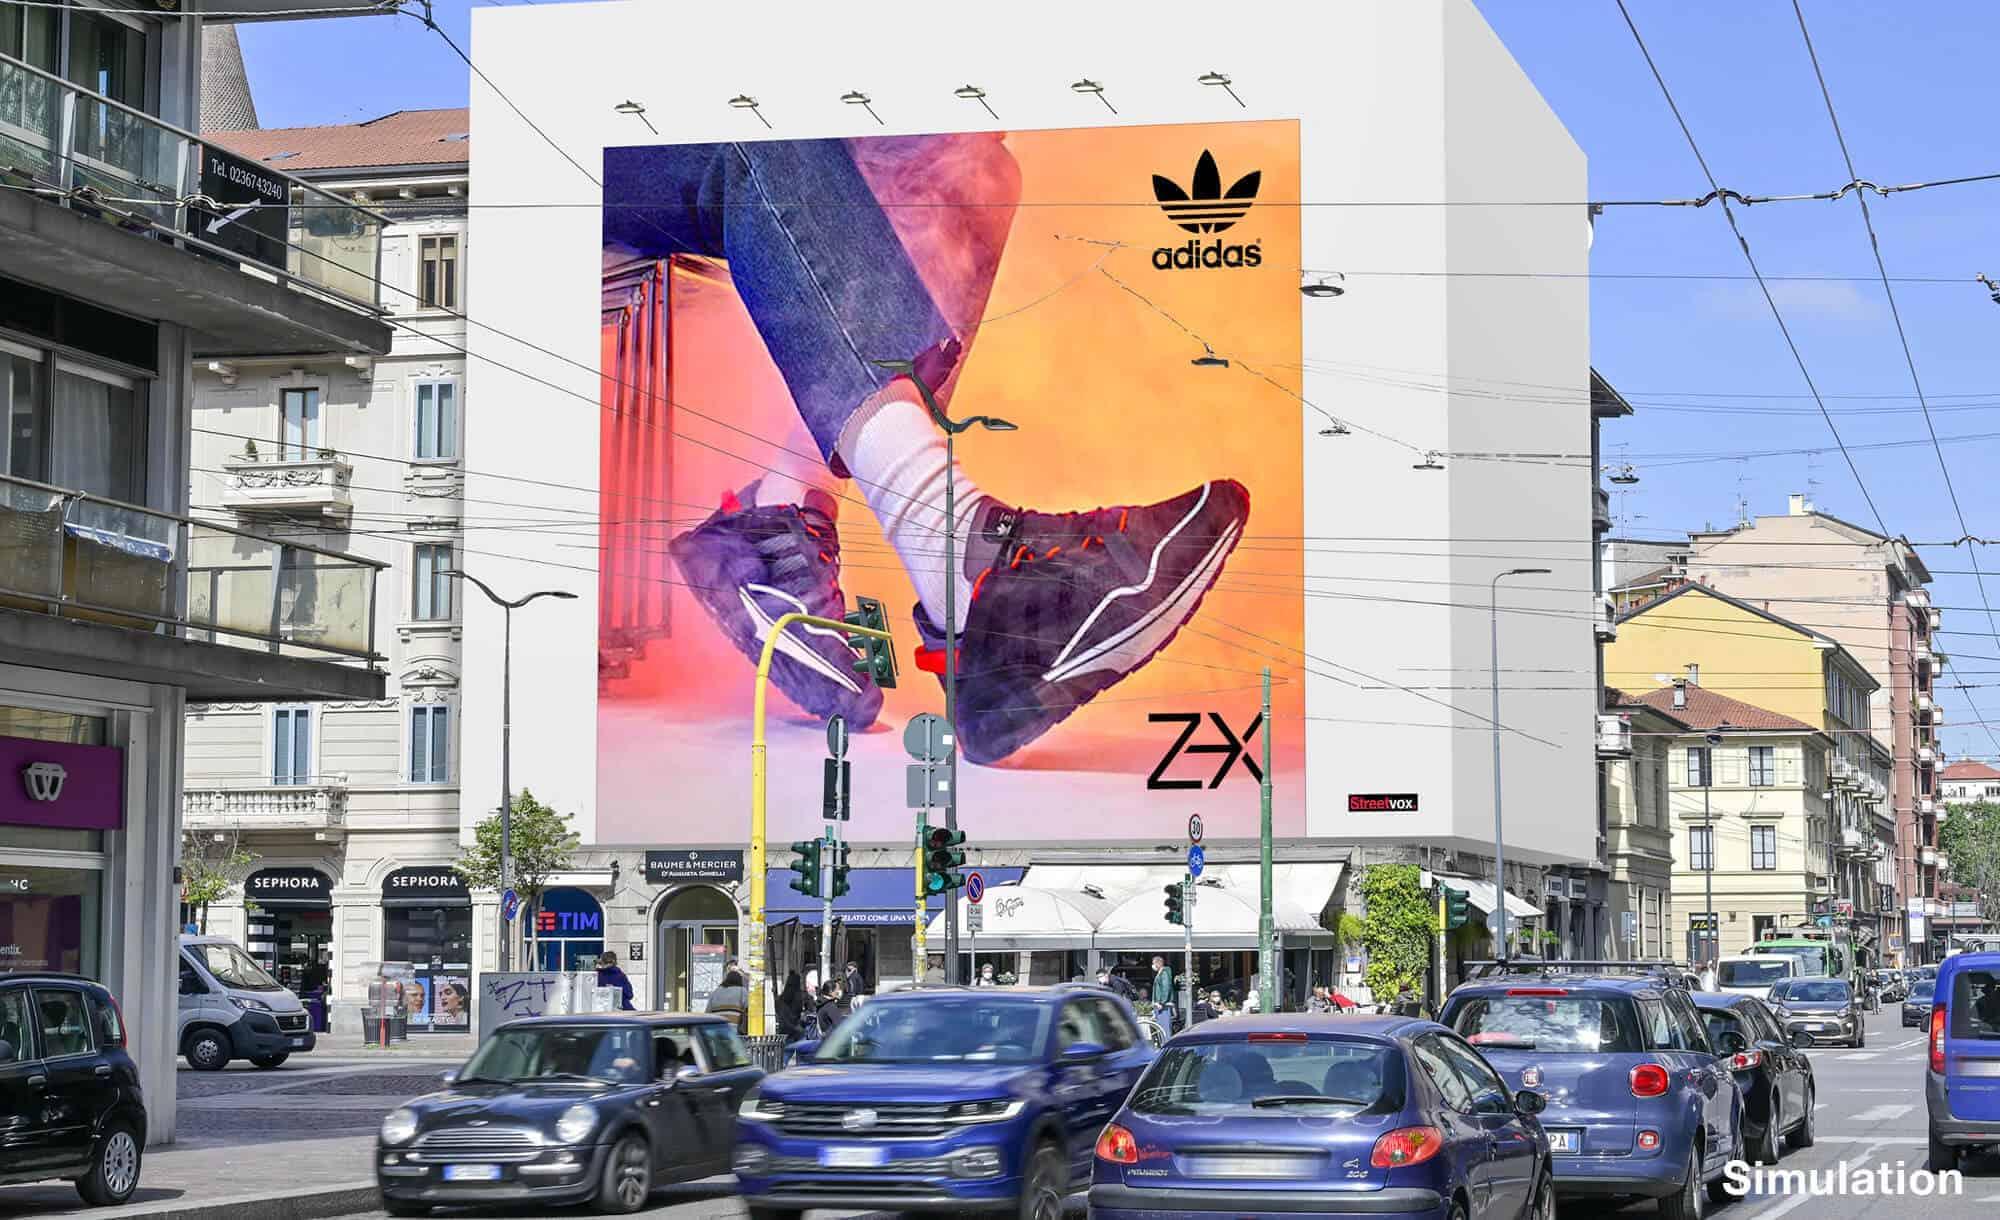 Maxi Affissione a Milano in Via Palestrina 1 con Adidas (Sportswear)